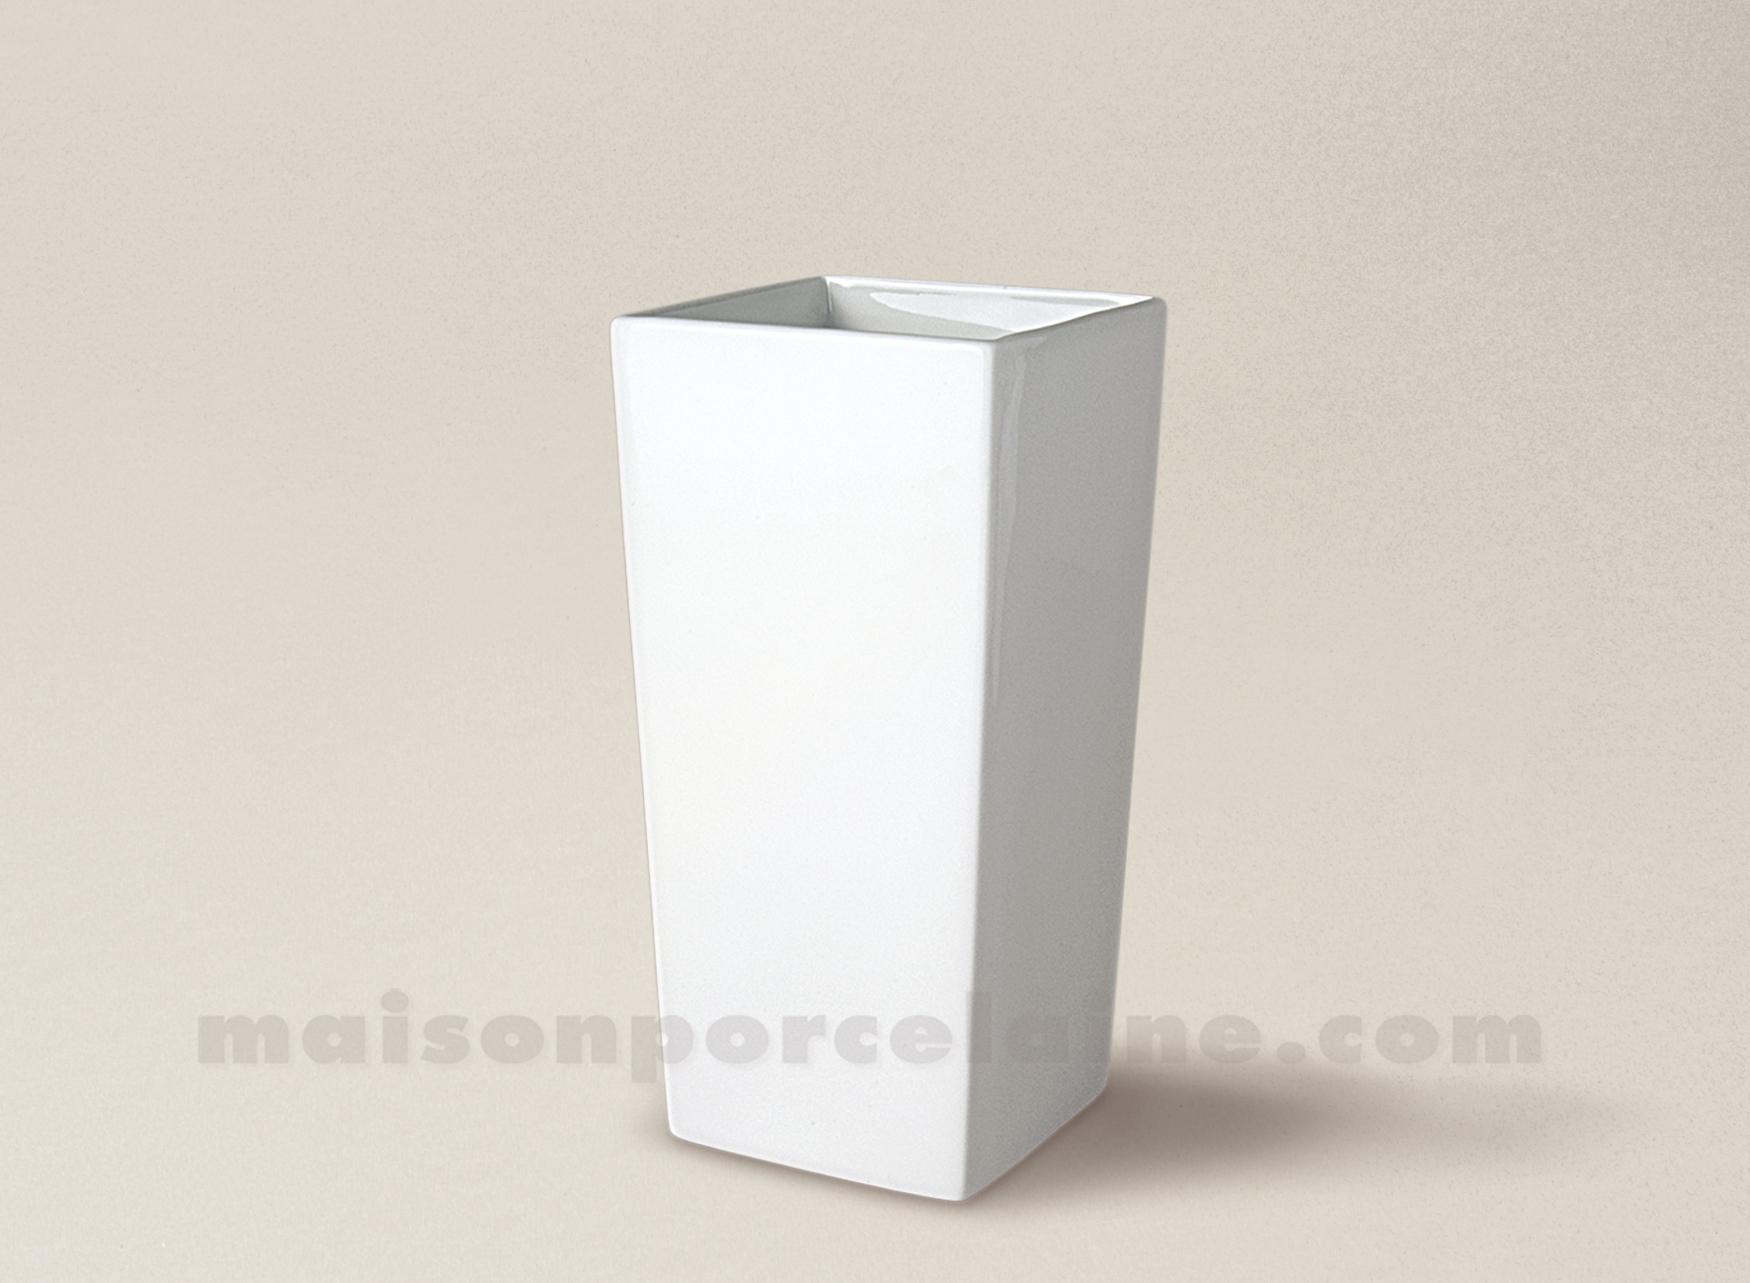 Vase porcelaine blanche conique carre pm 15x7 maison de la porcelaine - La porcelaine blanche ...